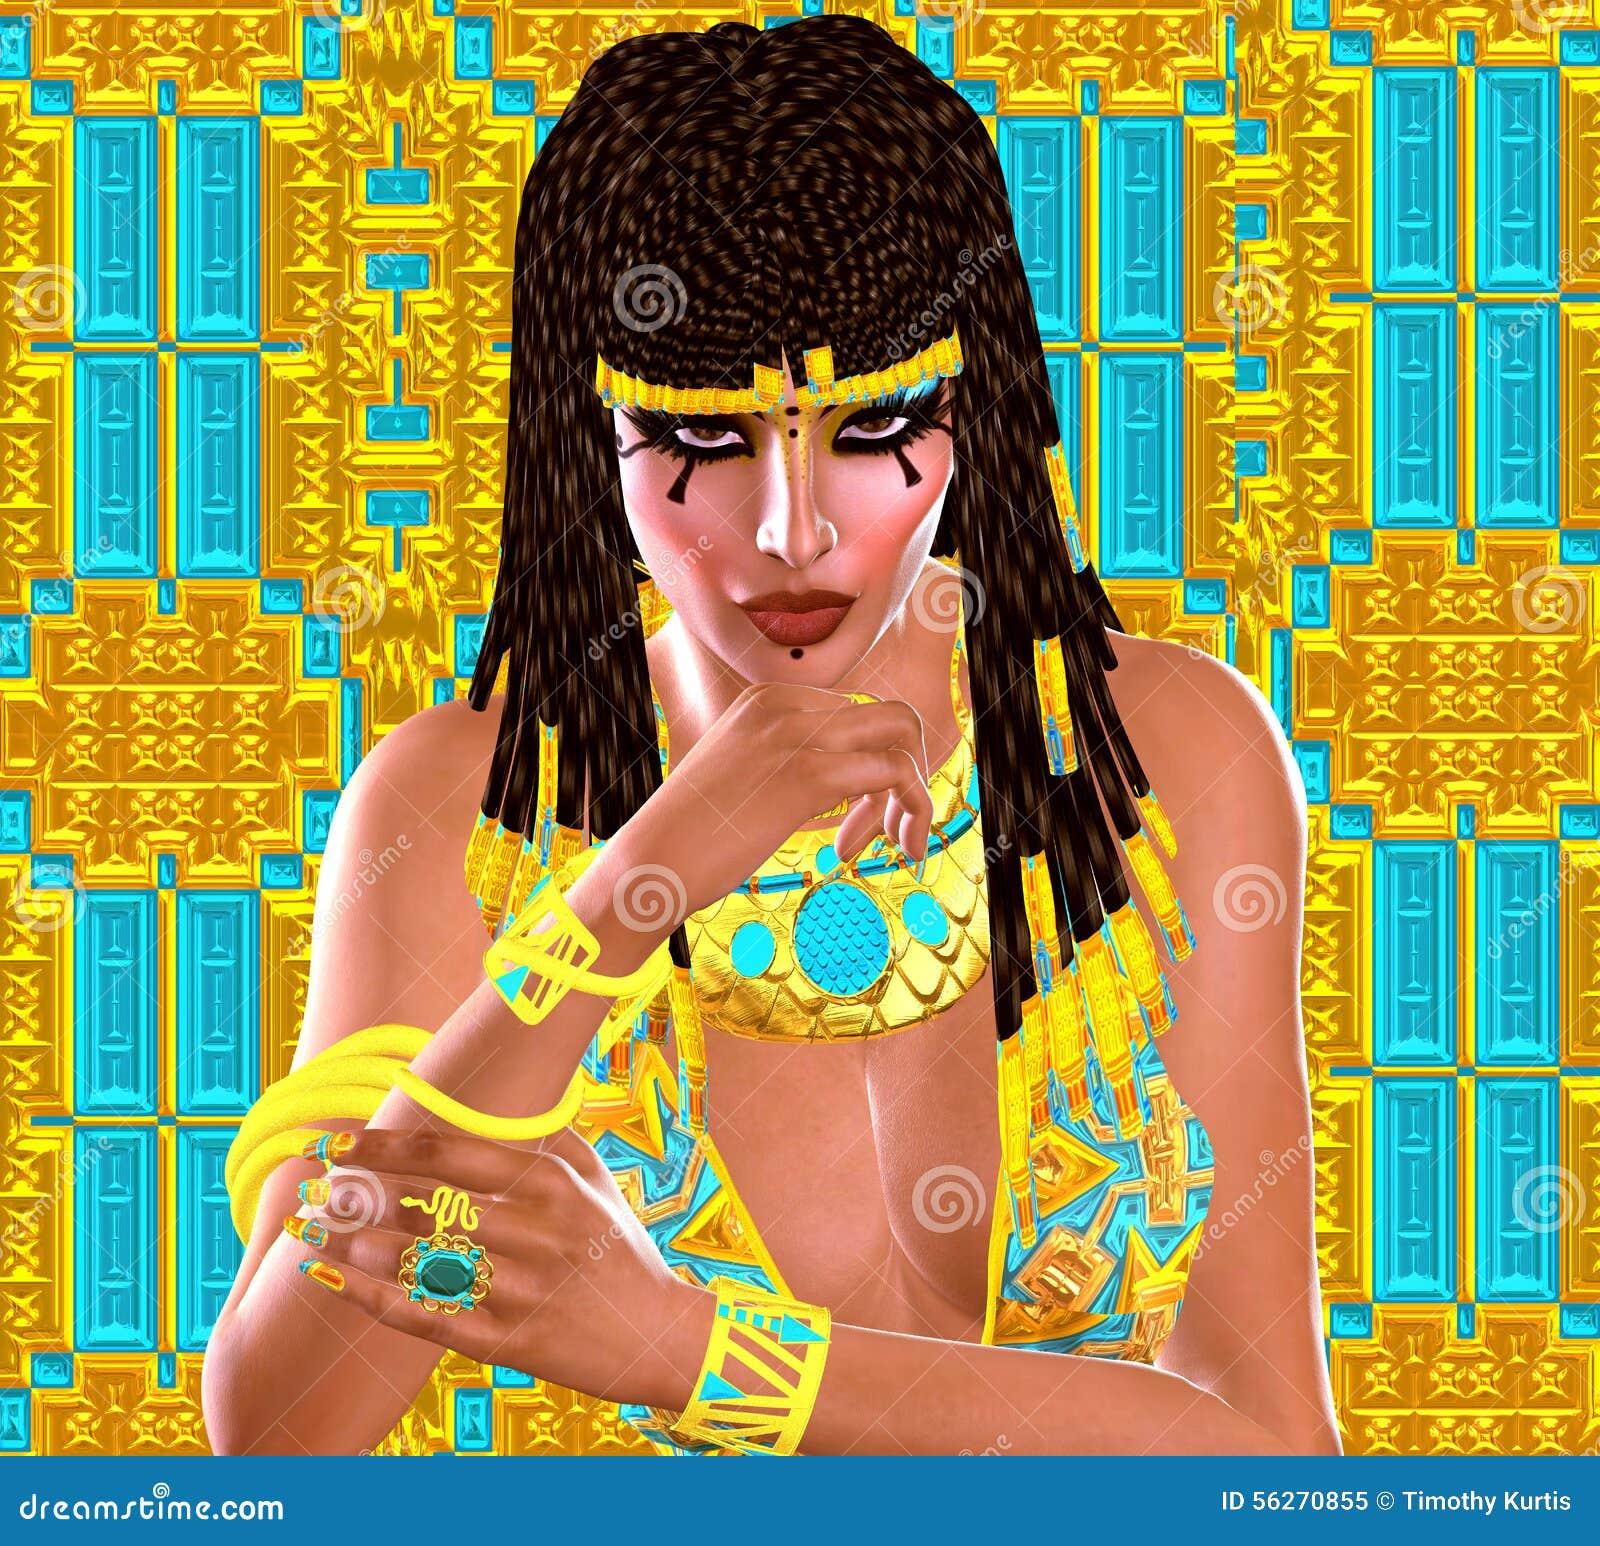 Le visage et la coiffure tressée de la femme égyptienne, se ferment, scène  numérique